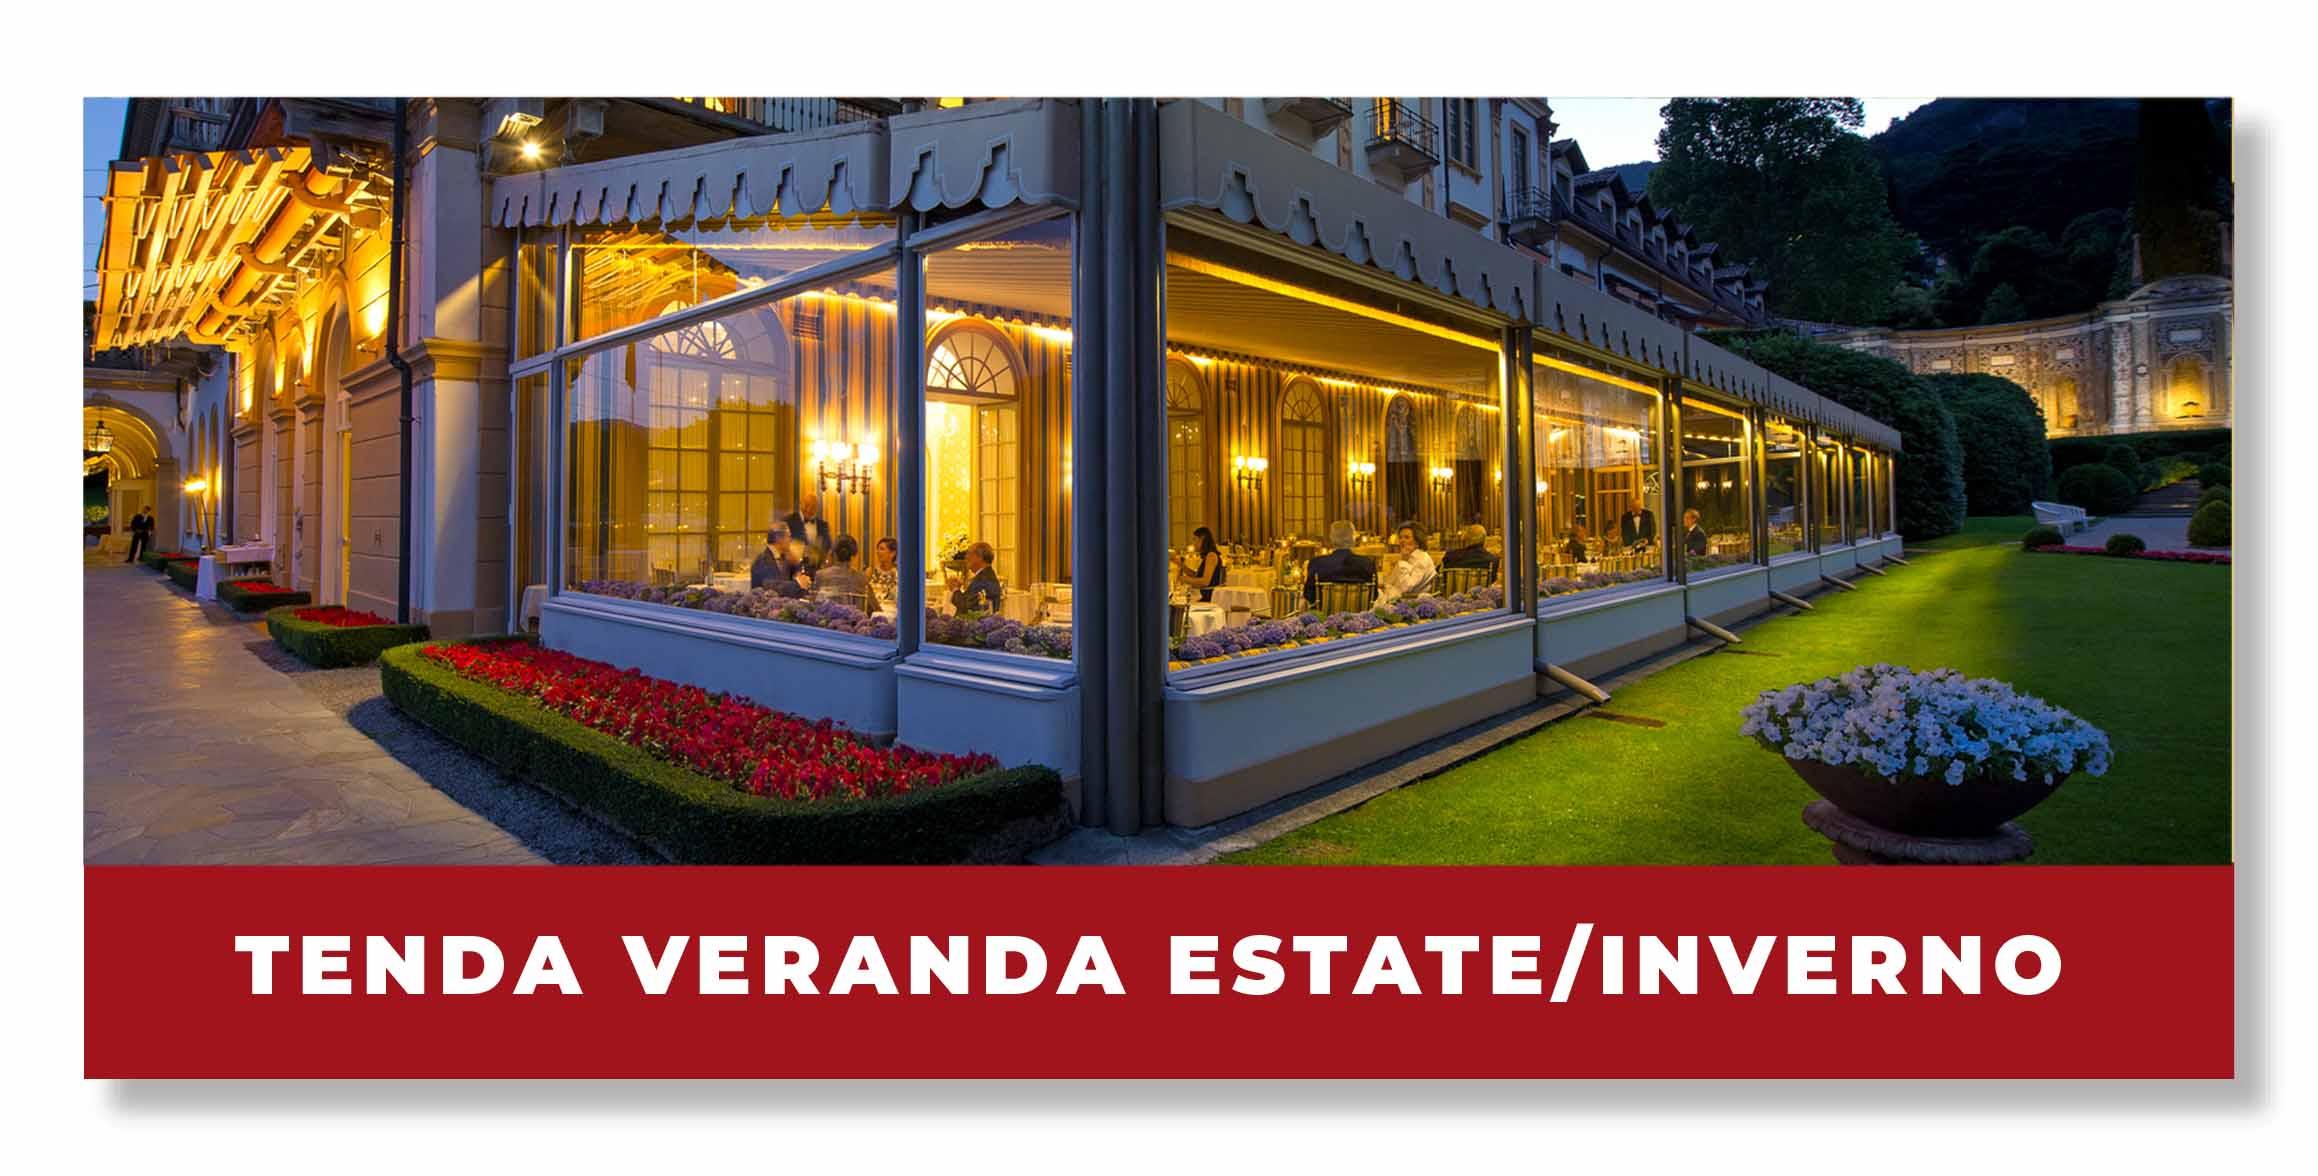 tenda veranda estate inverno vendita installazione produzione su misura torino nuova rolltende attiivtà ristoranti bar hotel.jpg